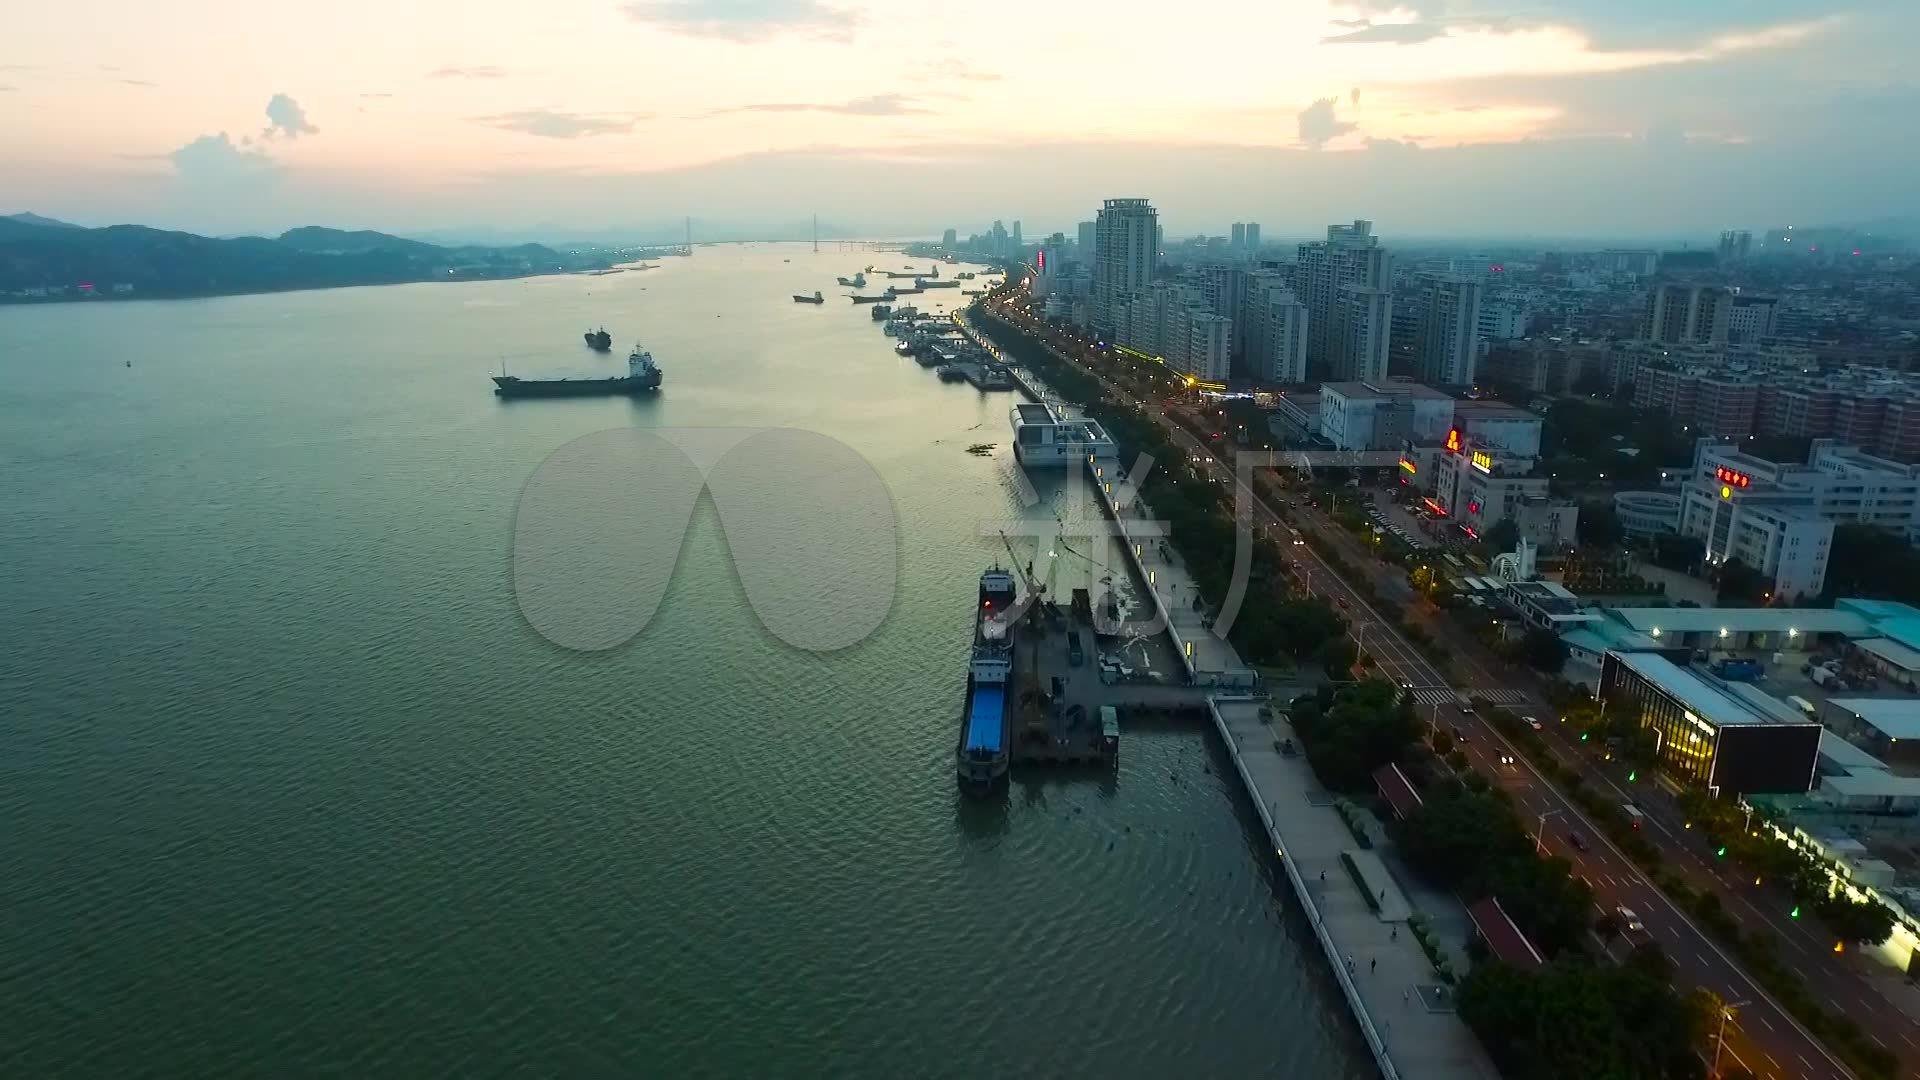 汕头v视频海滨路海湾大桥石视频华大桥_1电厂嬉游记图片